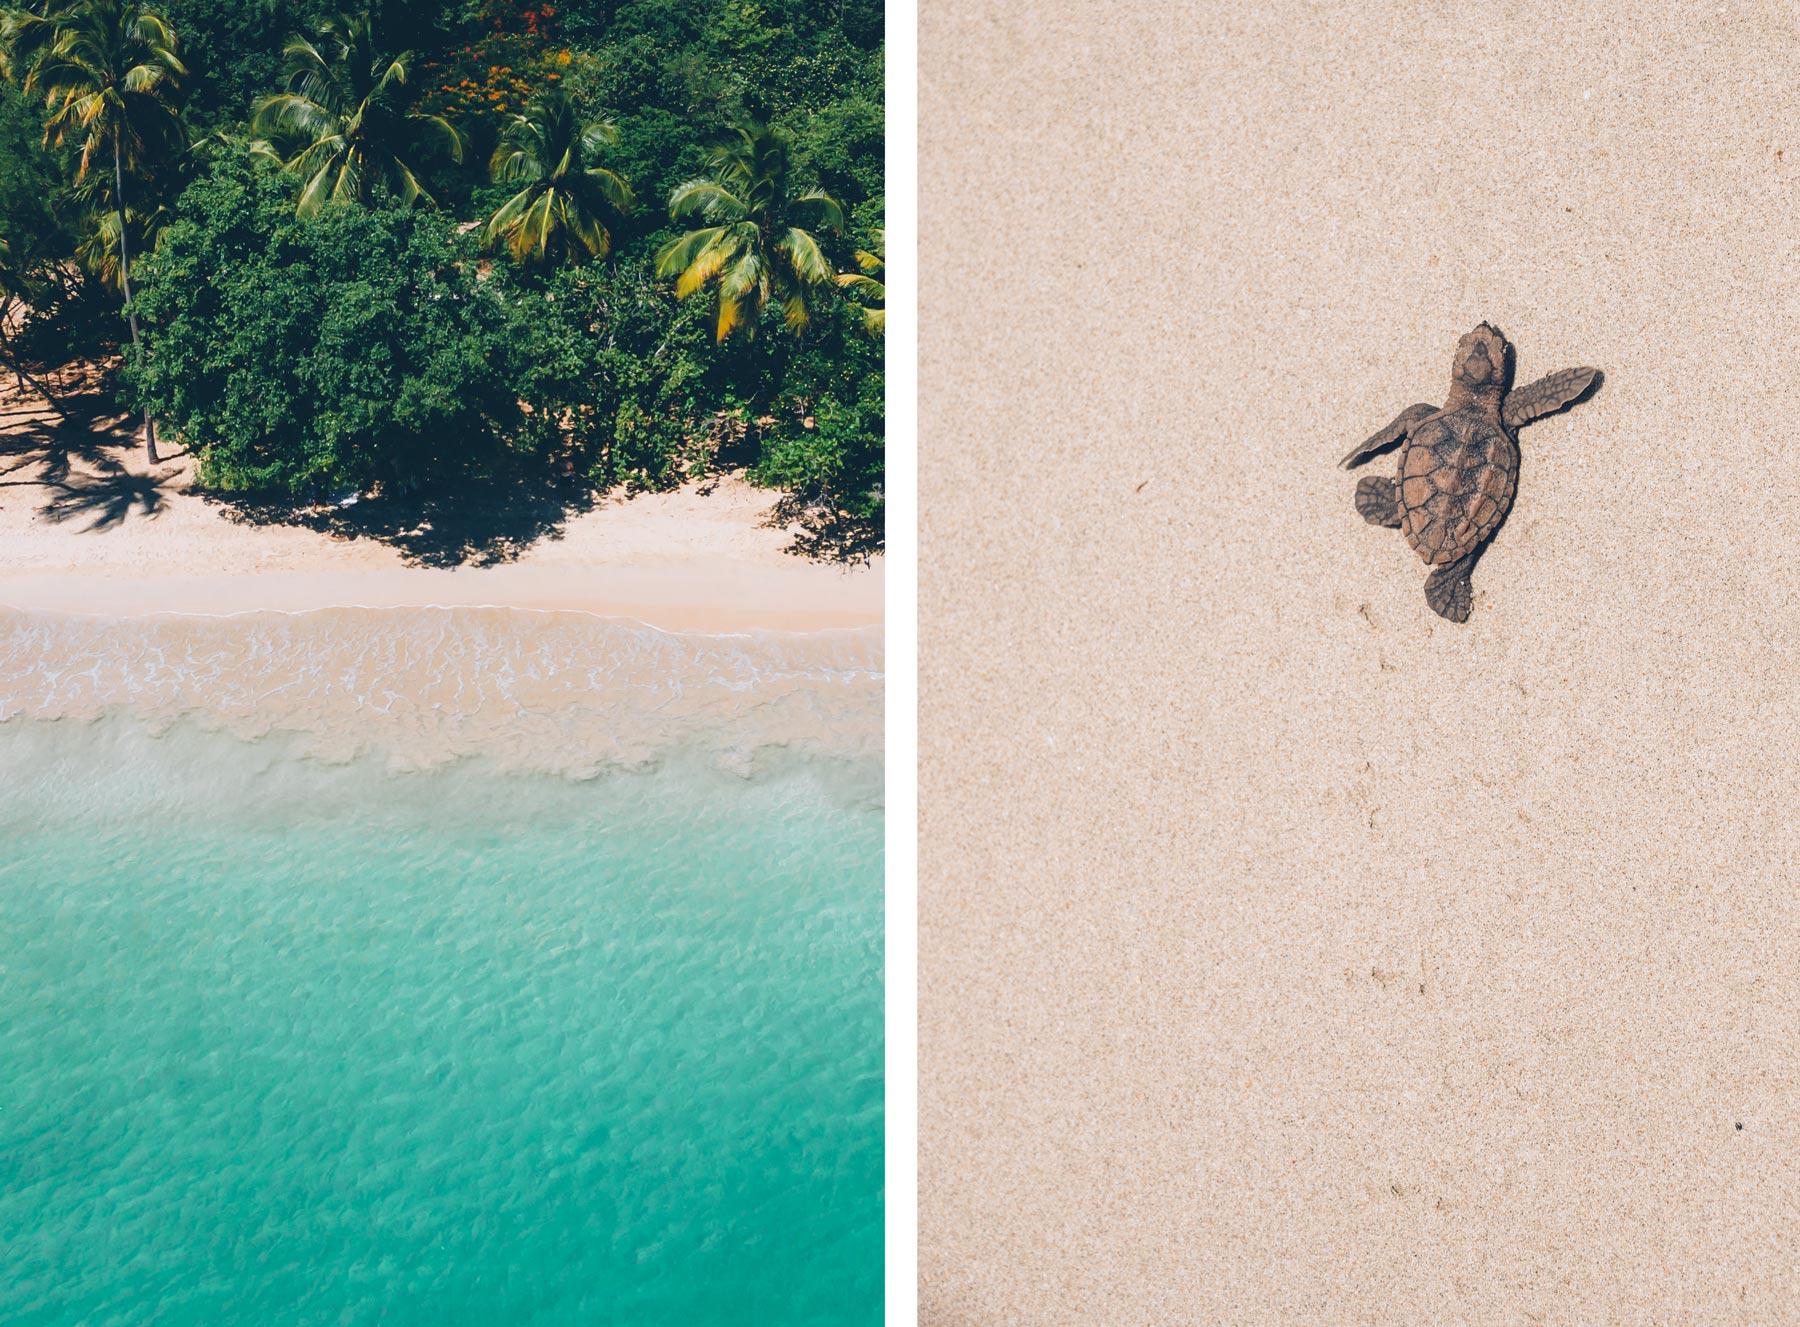 Bébé tortue, Plage des Salines, Martinique